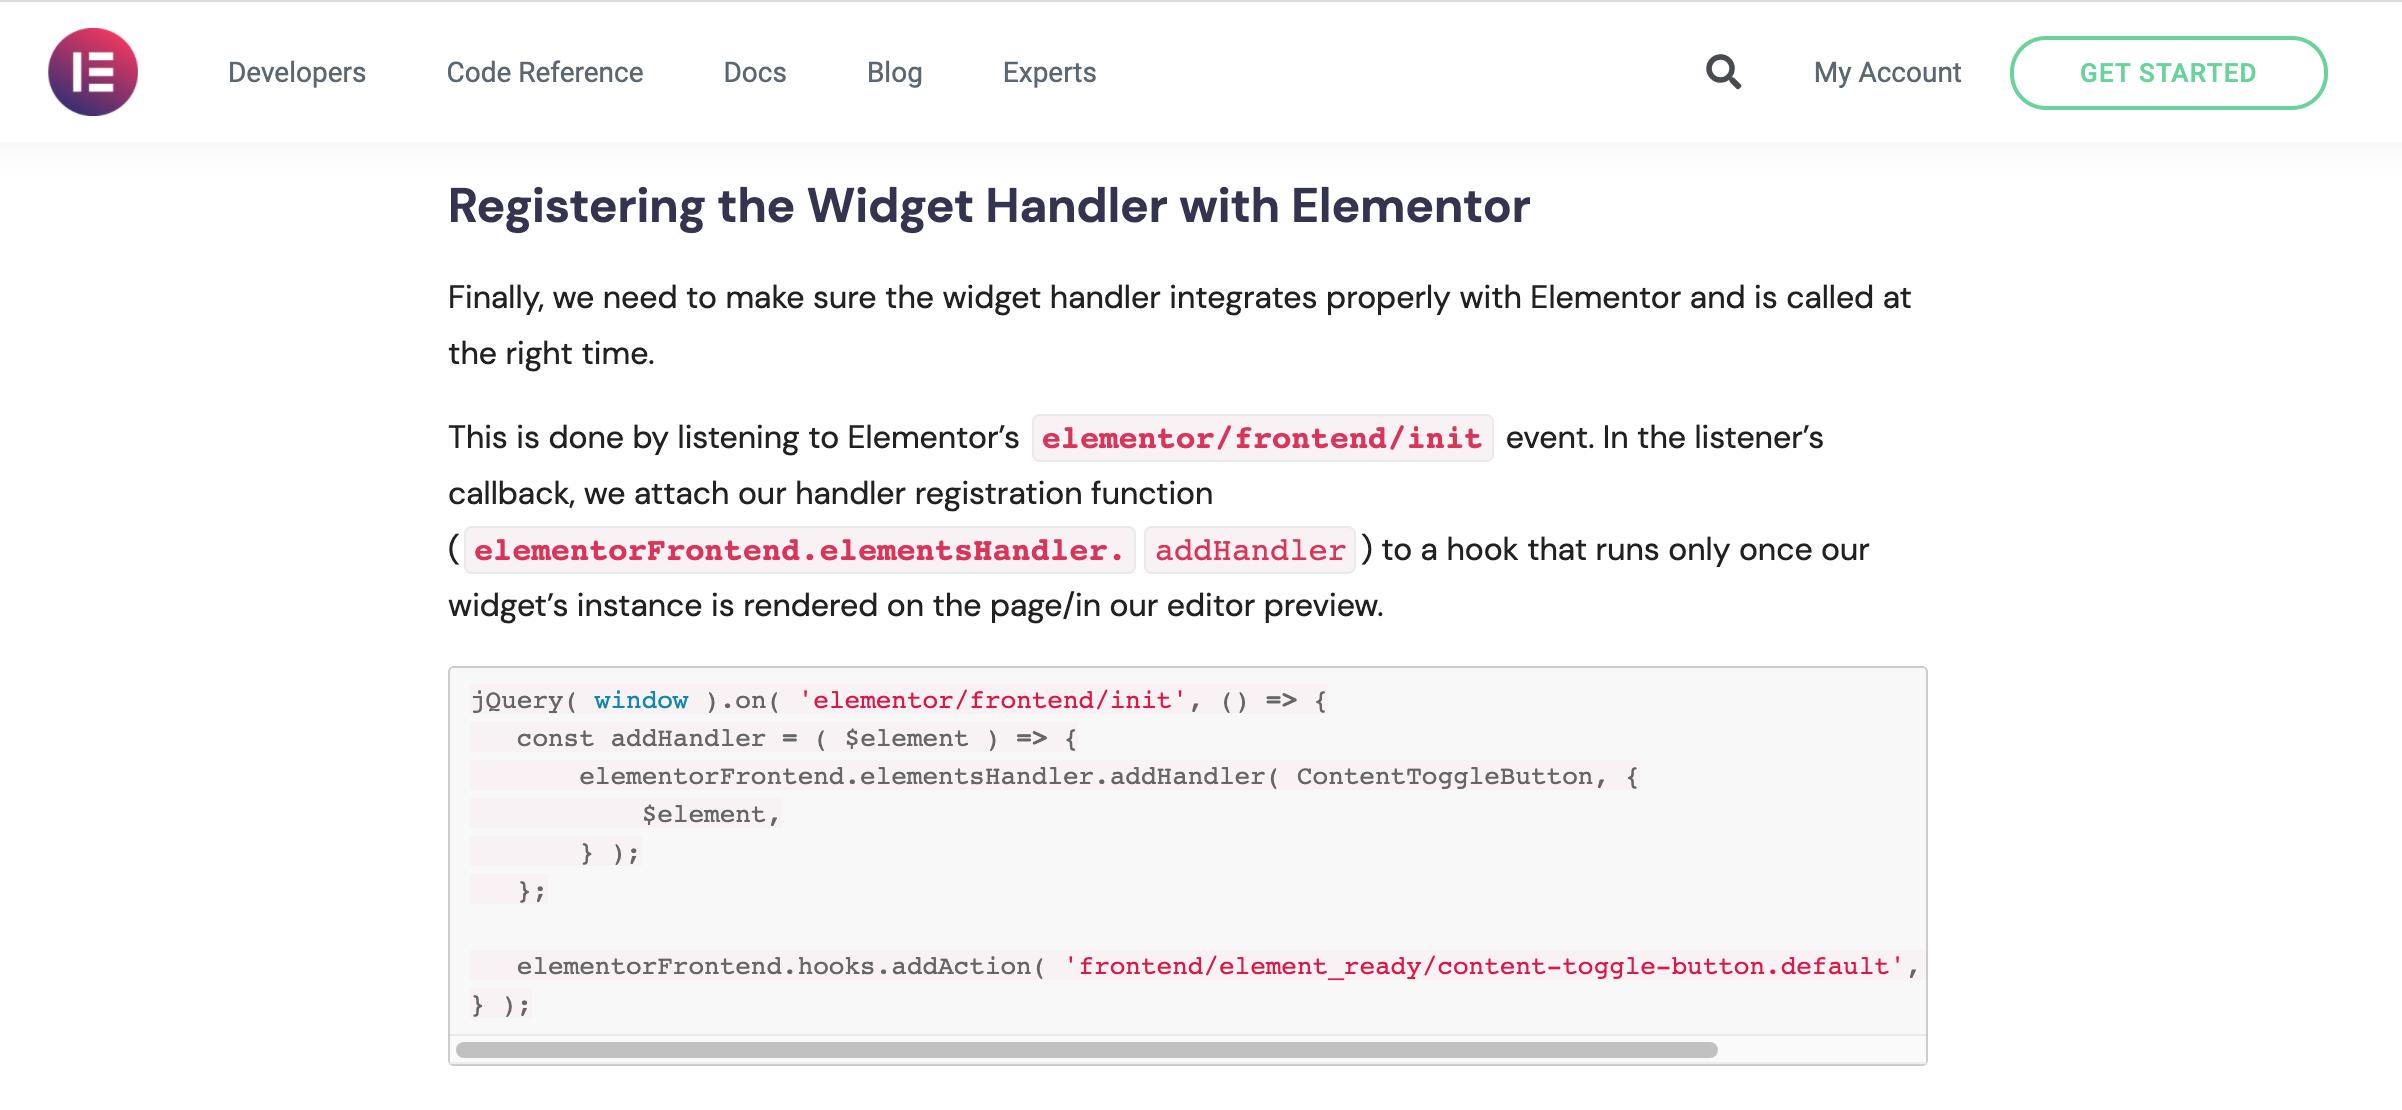 Registering the Widget Handler with Elementor